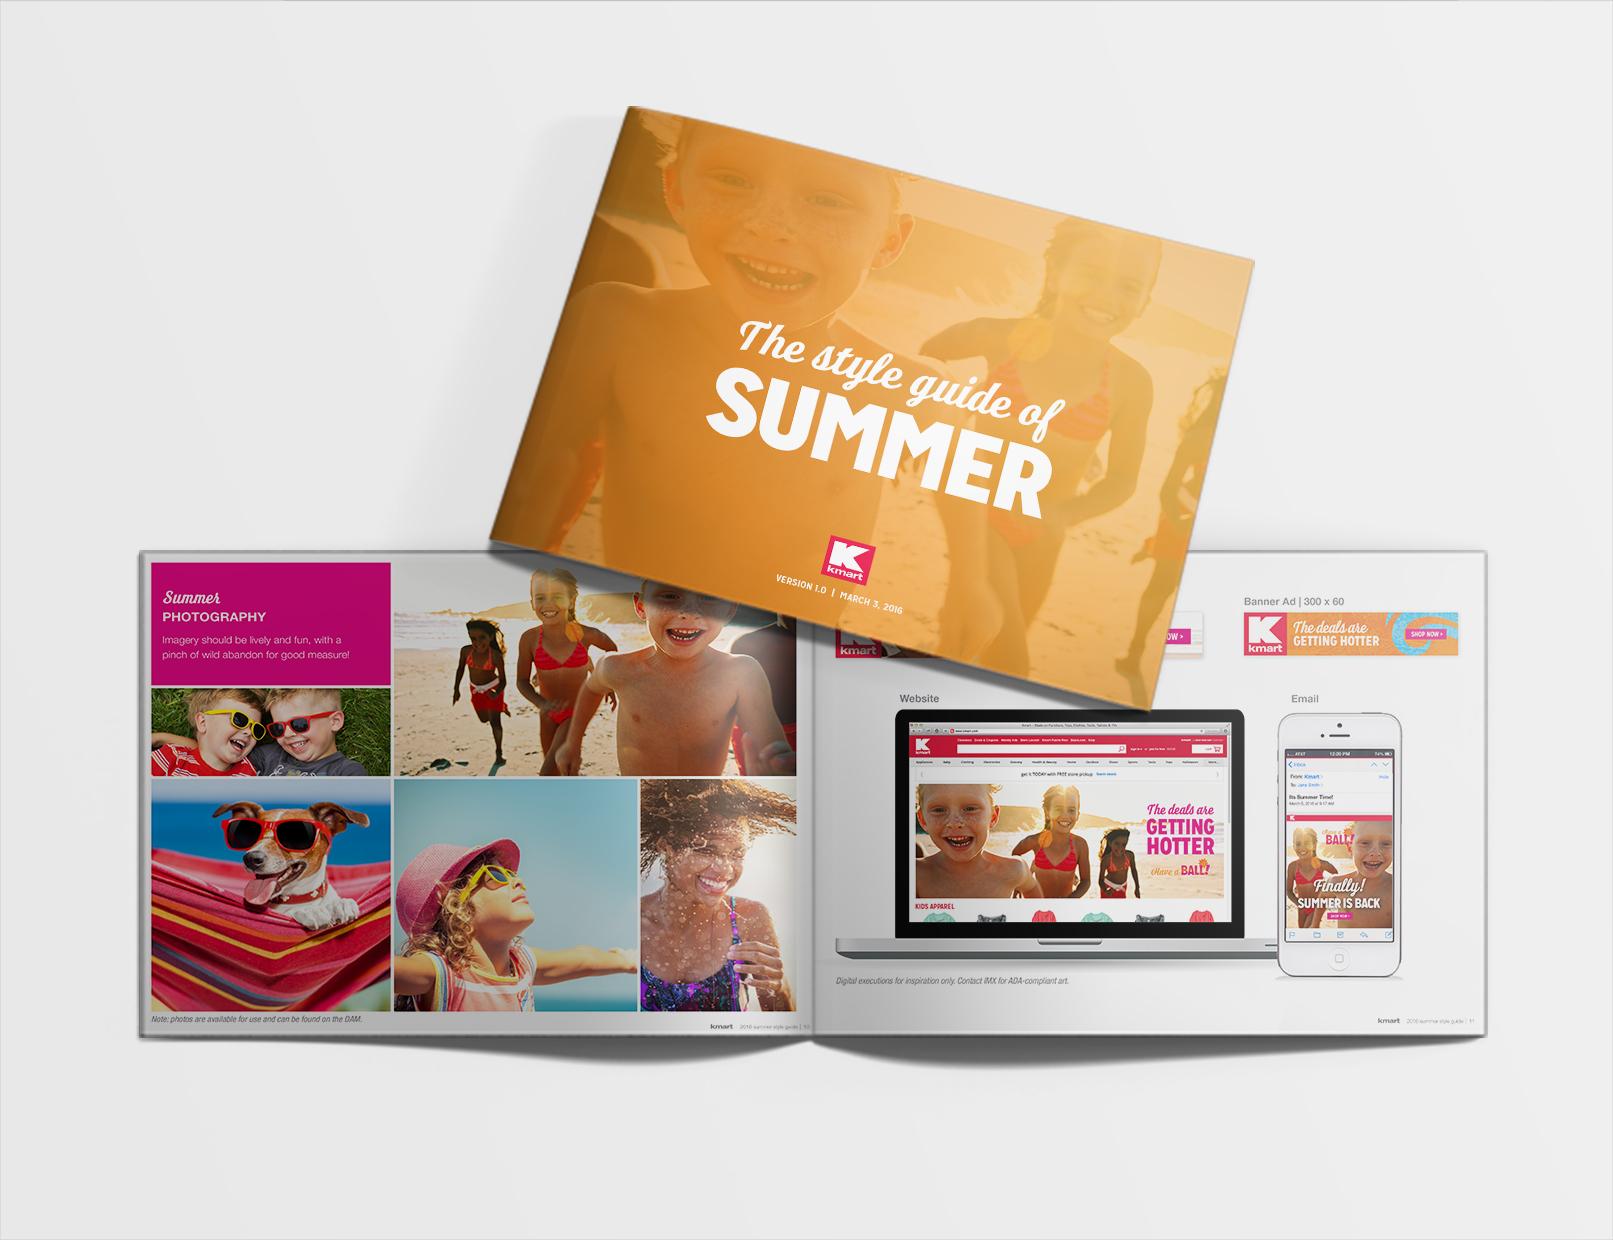 Kmart_Summer_StyleGuide_v2.jpg